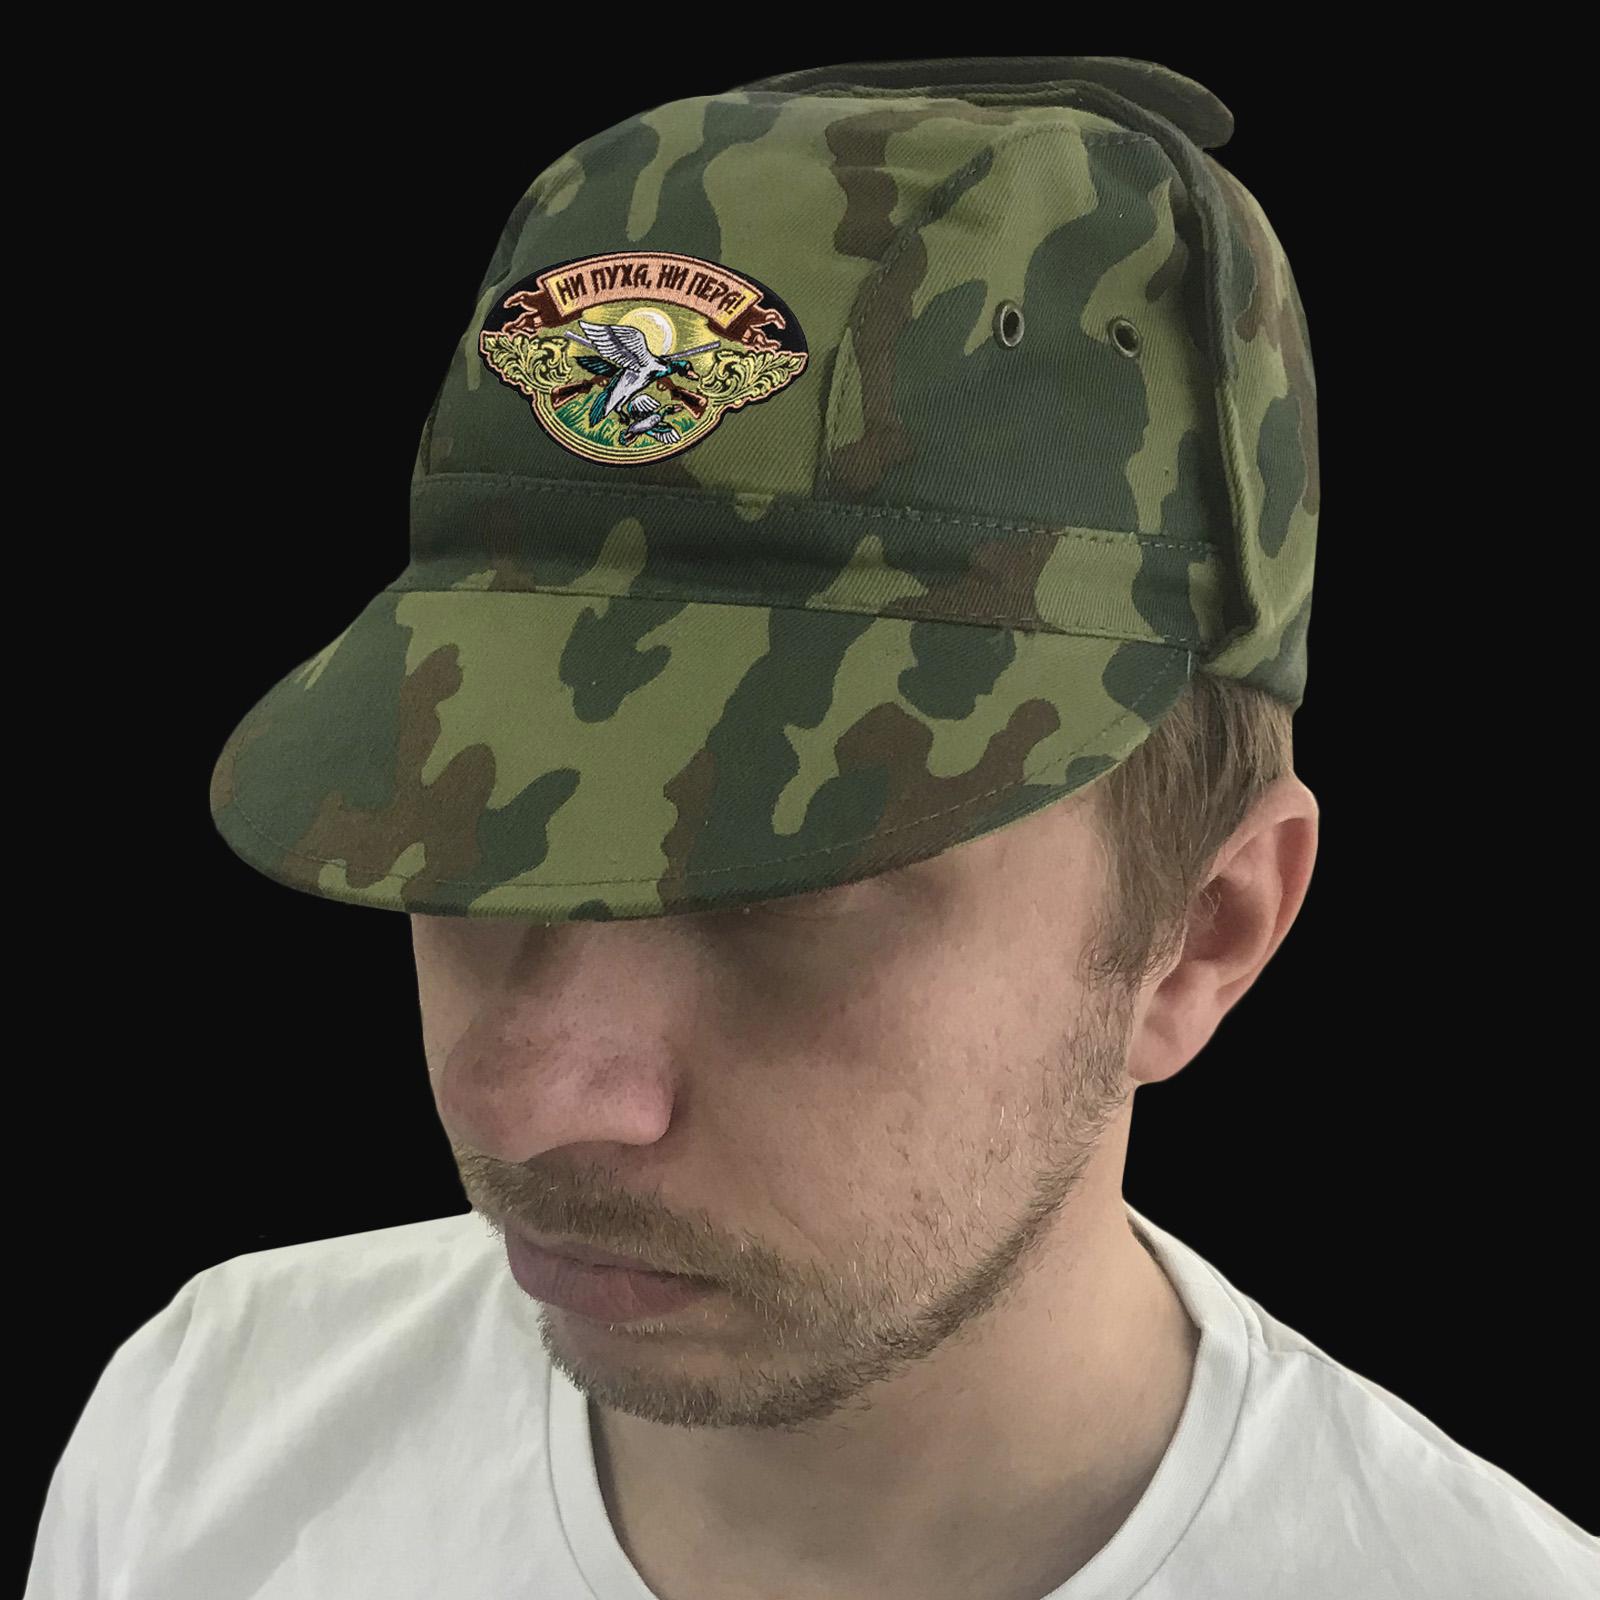 Охотничья кепка-камуфляж Ни пуха, ни пера